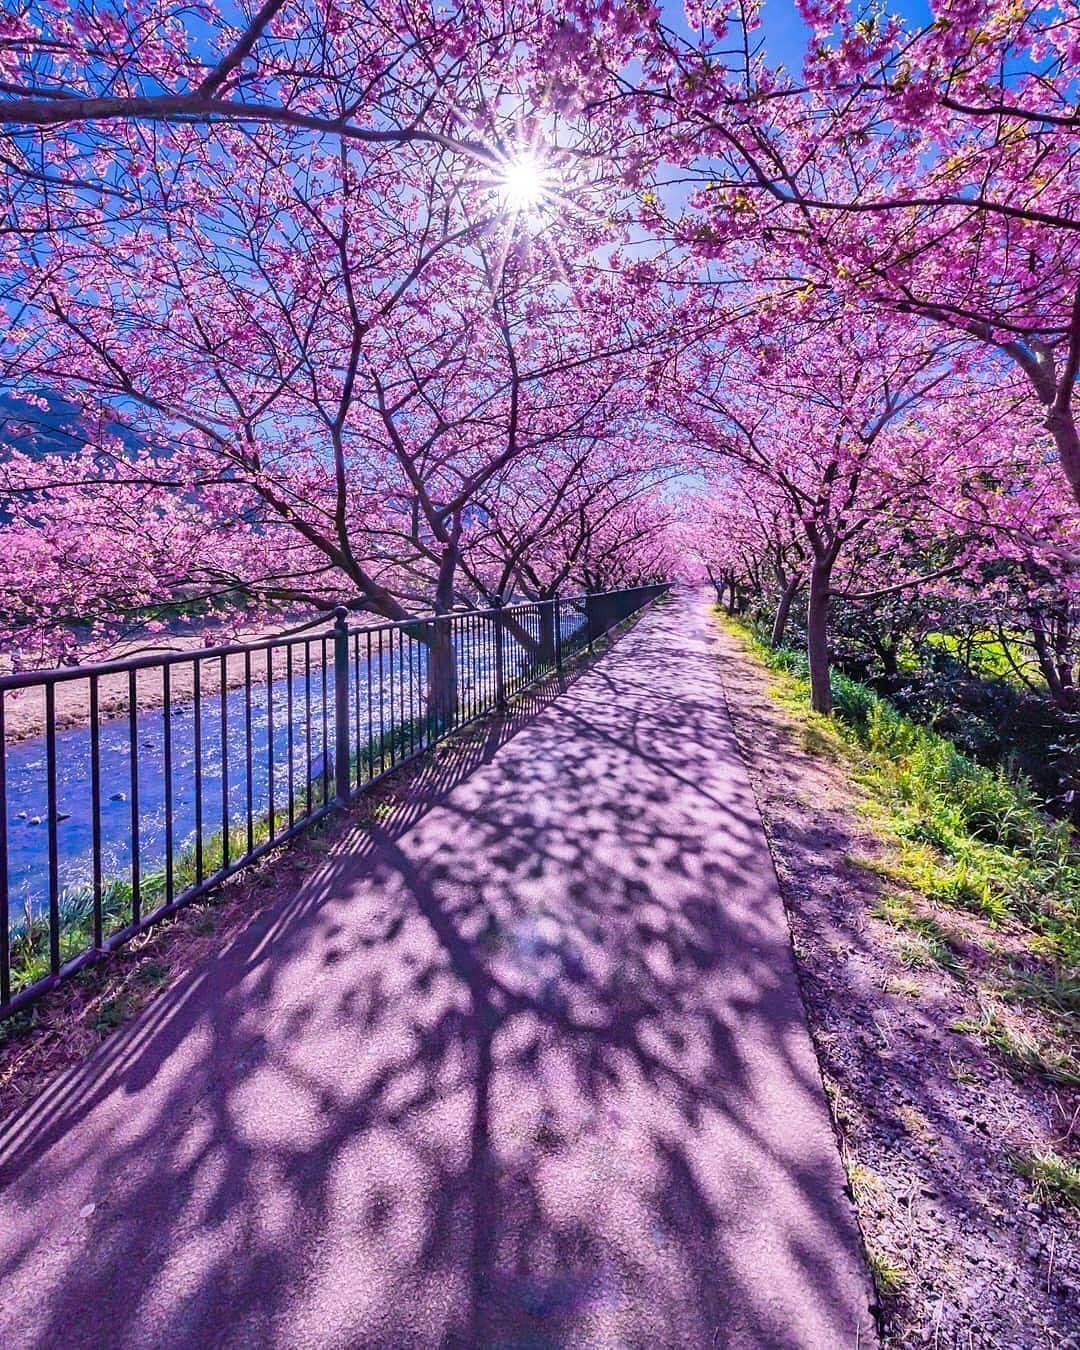 Cherry Blossoms Tunnel Kawazu Japan Photo By Tsumizo World Of Flowers Beautiful Nature Nature Photography Path To Heaven